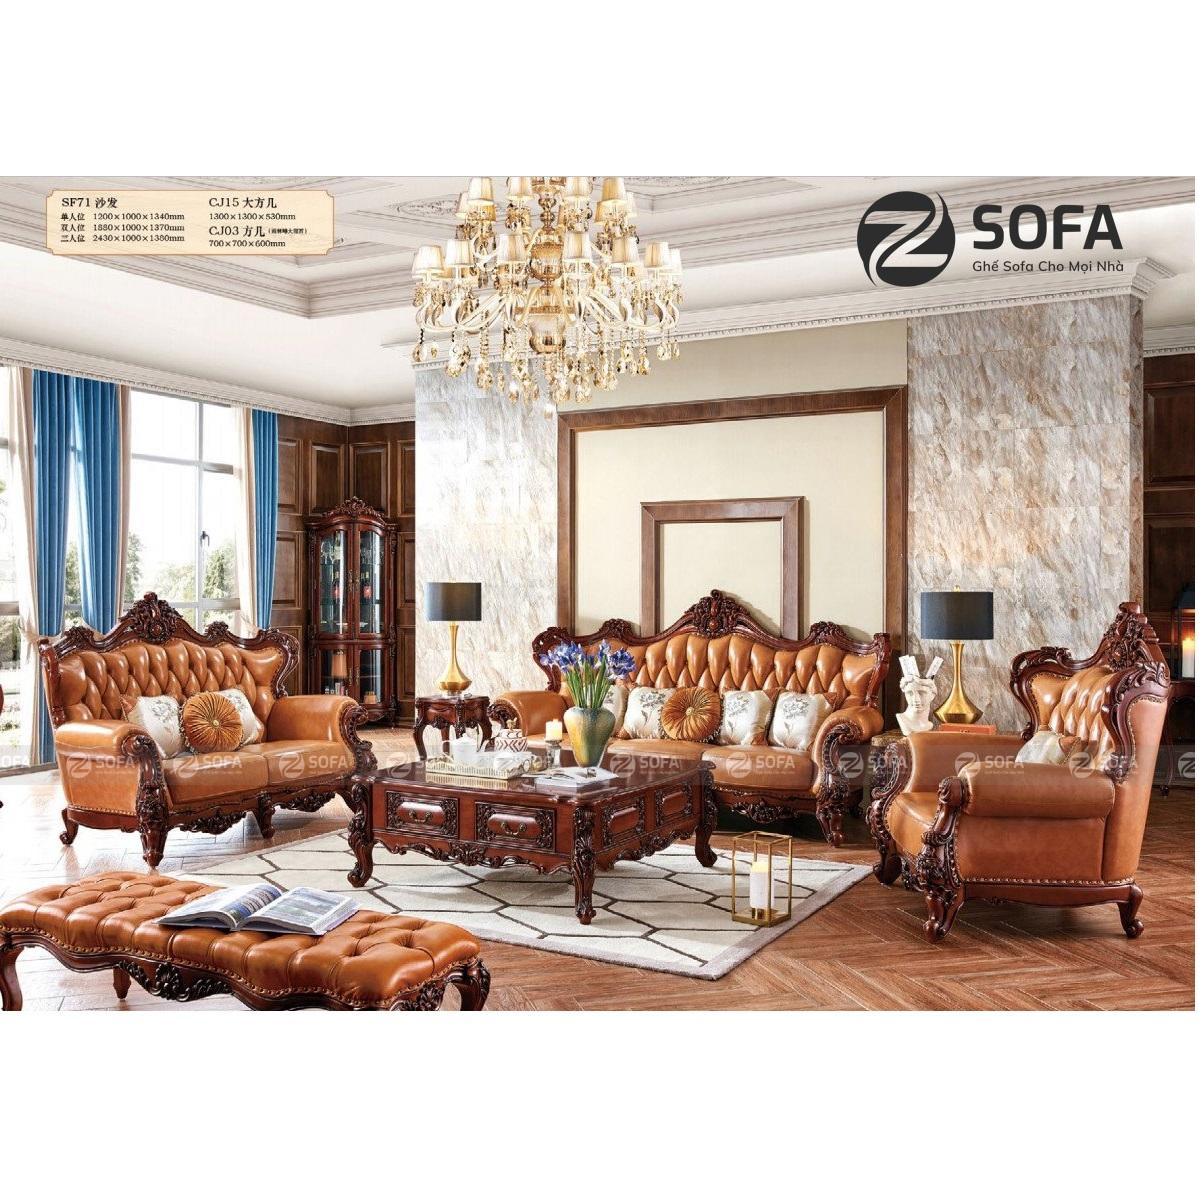 Sofa Tân Cổ Điển Da Bò CD-SF71